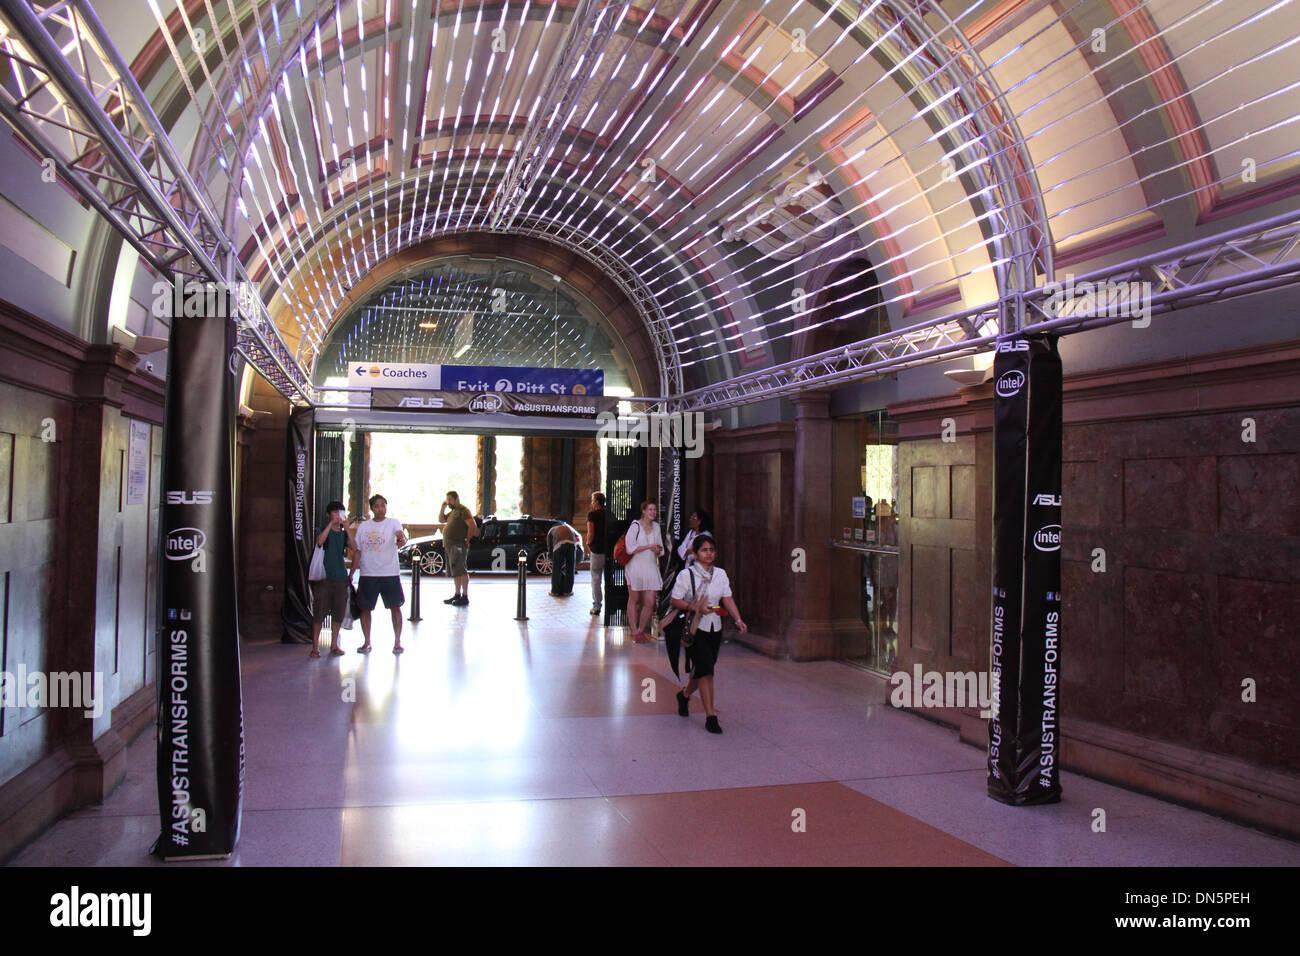 La stazione centrale di sydney nsw 2000 australia. il 19 dicembre